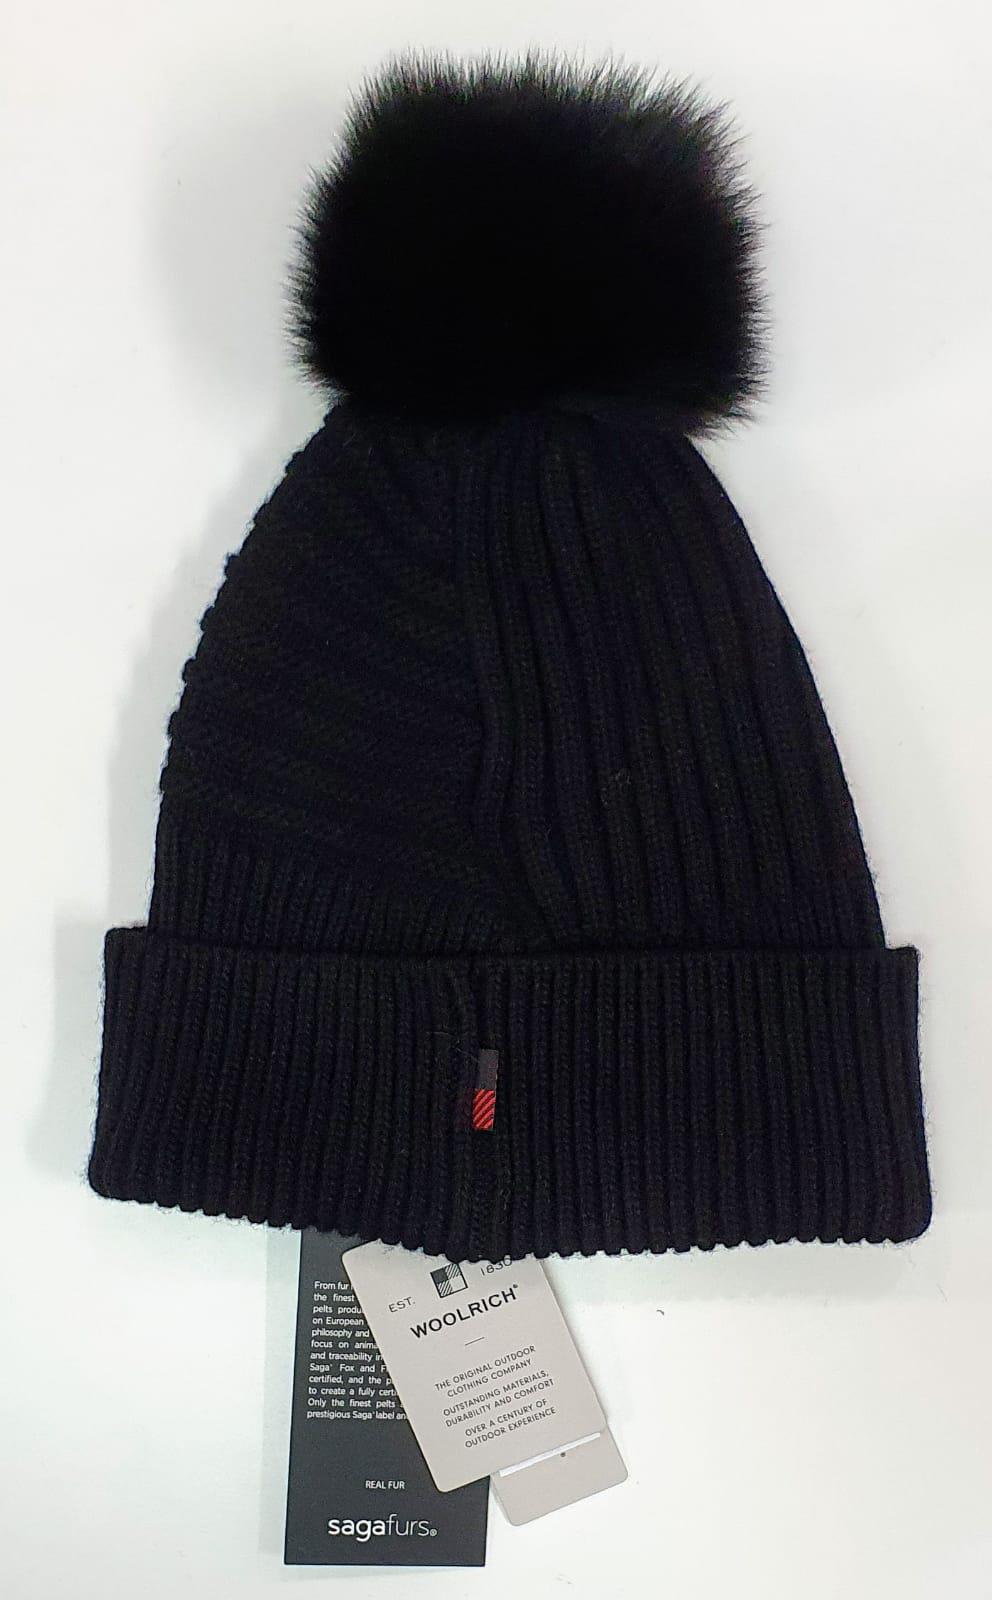 Woolrich Berretto in misto lana con pon pon rimovibile nero